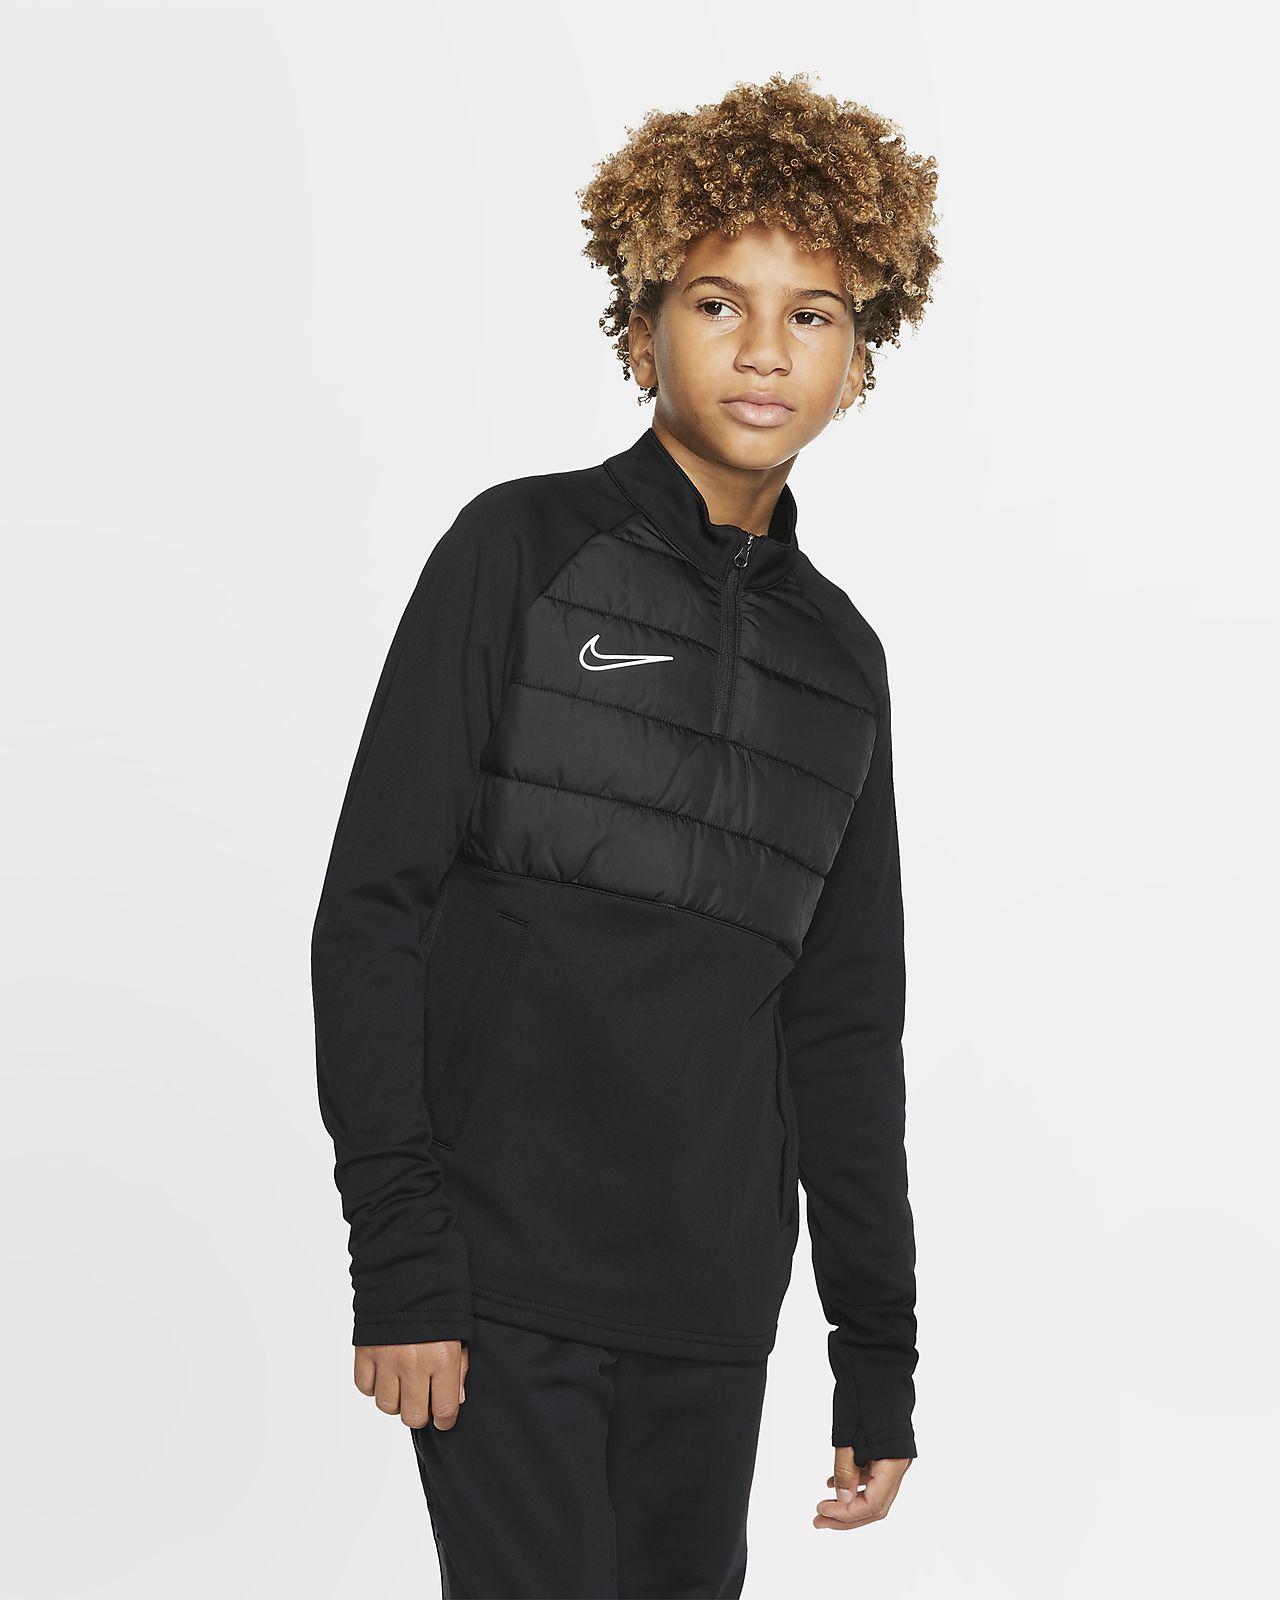 Treningowa koszulka piłkarska dla dużych dzieci Nike Dri-FIT Academy